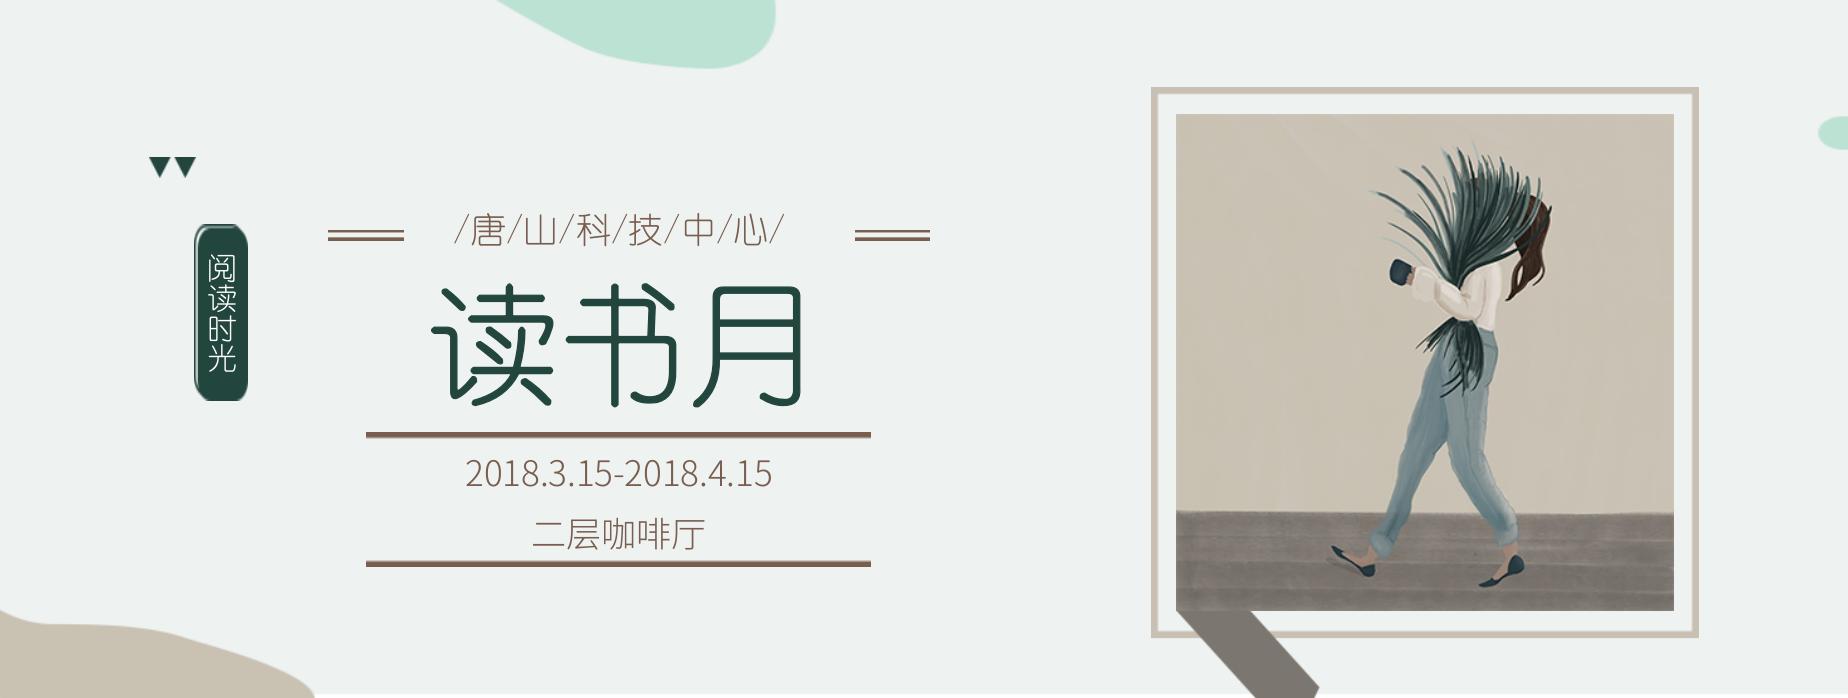 唐山科技中心讀書月